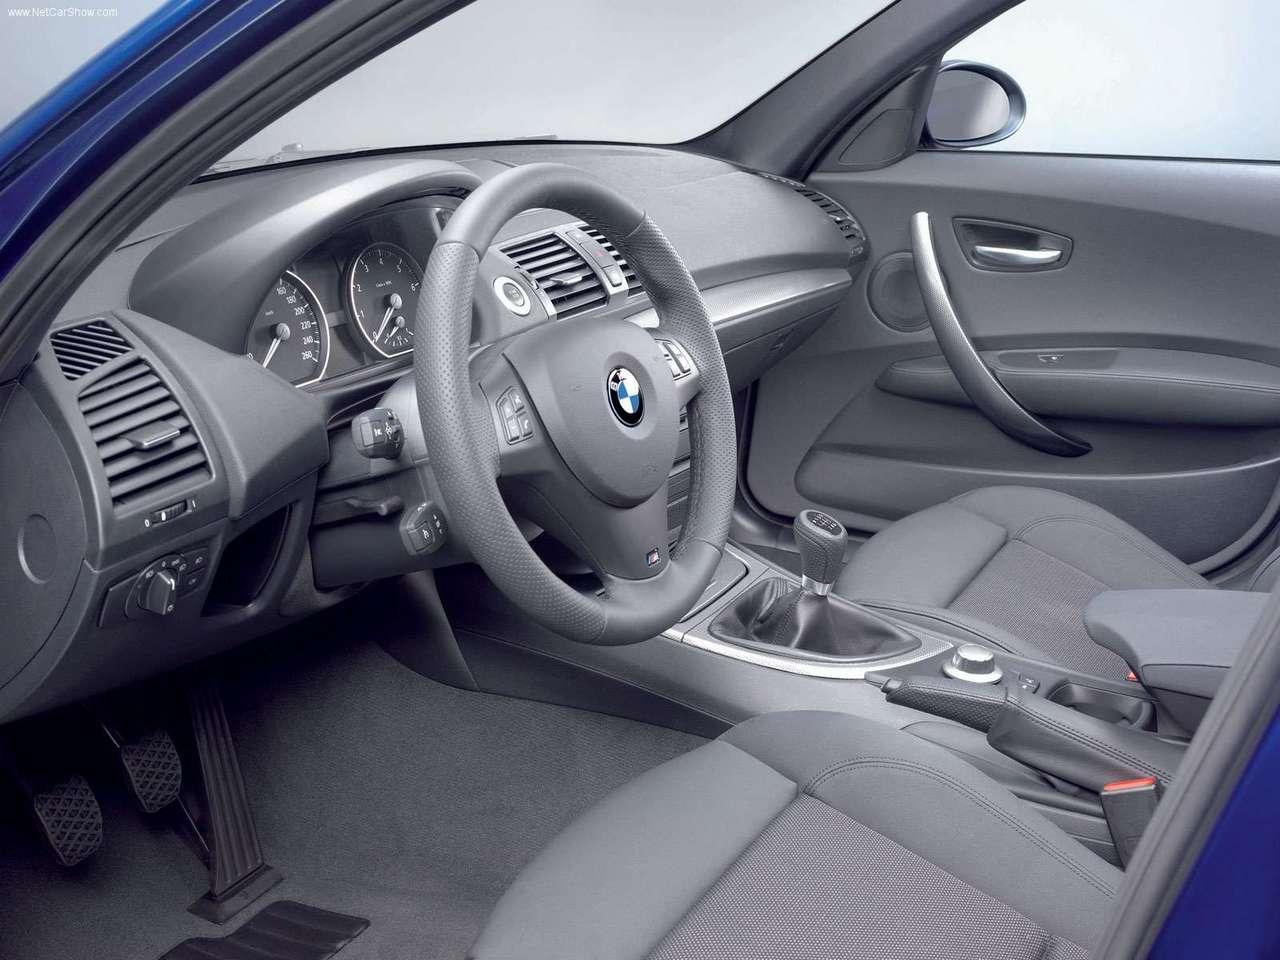 http://1.bp.blogspot.com/_vPMjJG-enrk/TAqK3zjdADI/AAAAAAAACp0/elnslT-BtI4/s1600/BMW-130i_M-Package_2005_1280x960_wallpaper_05.jpg